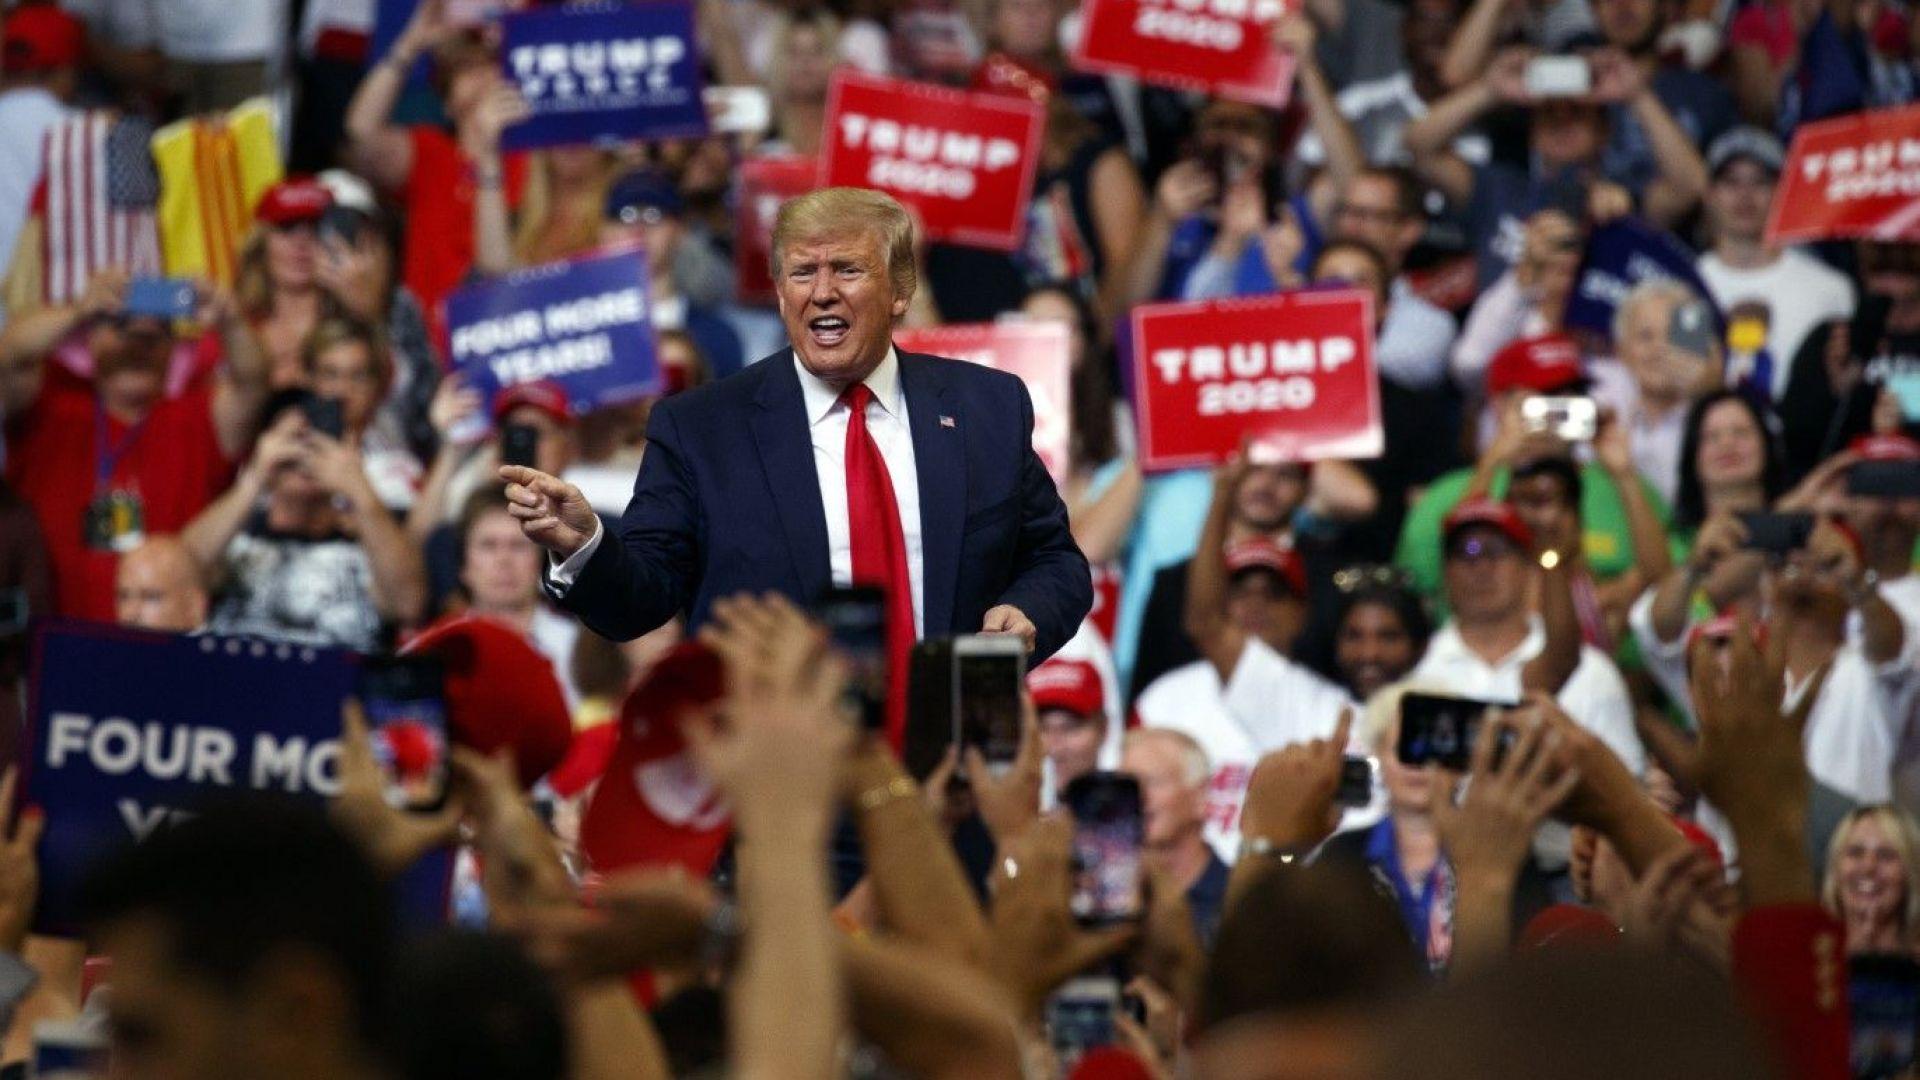 Още 4 г. Тръмп: Америка лети към нови върхове, всички ни завиждат